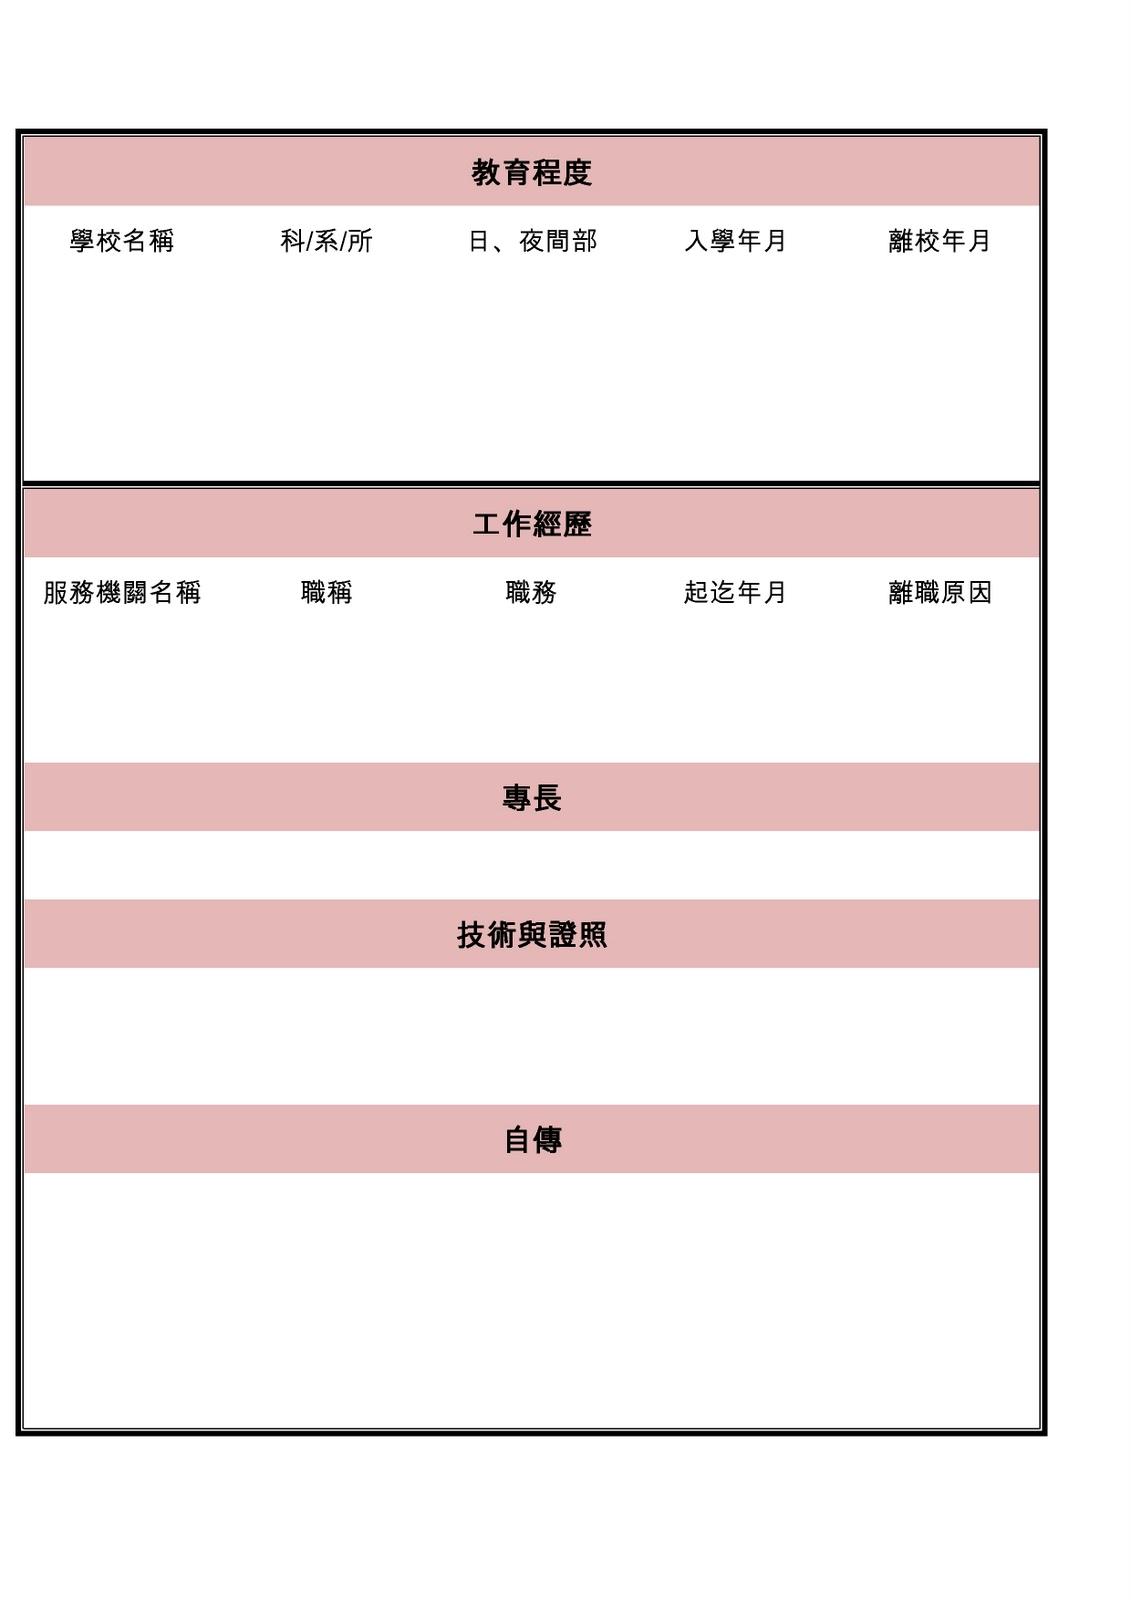 製作履歷表格 - 斗圖網